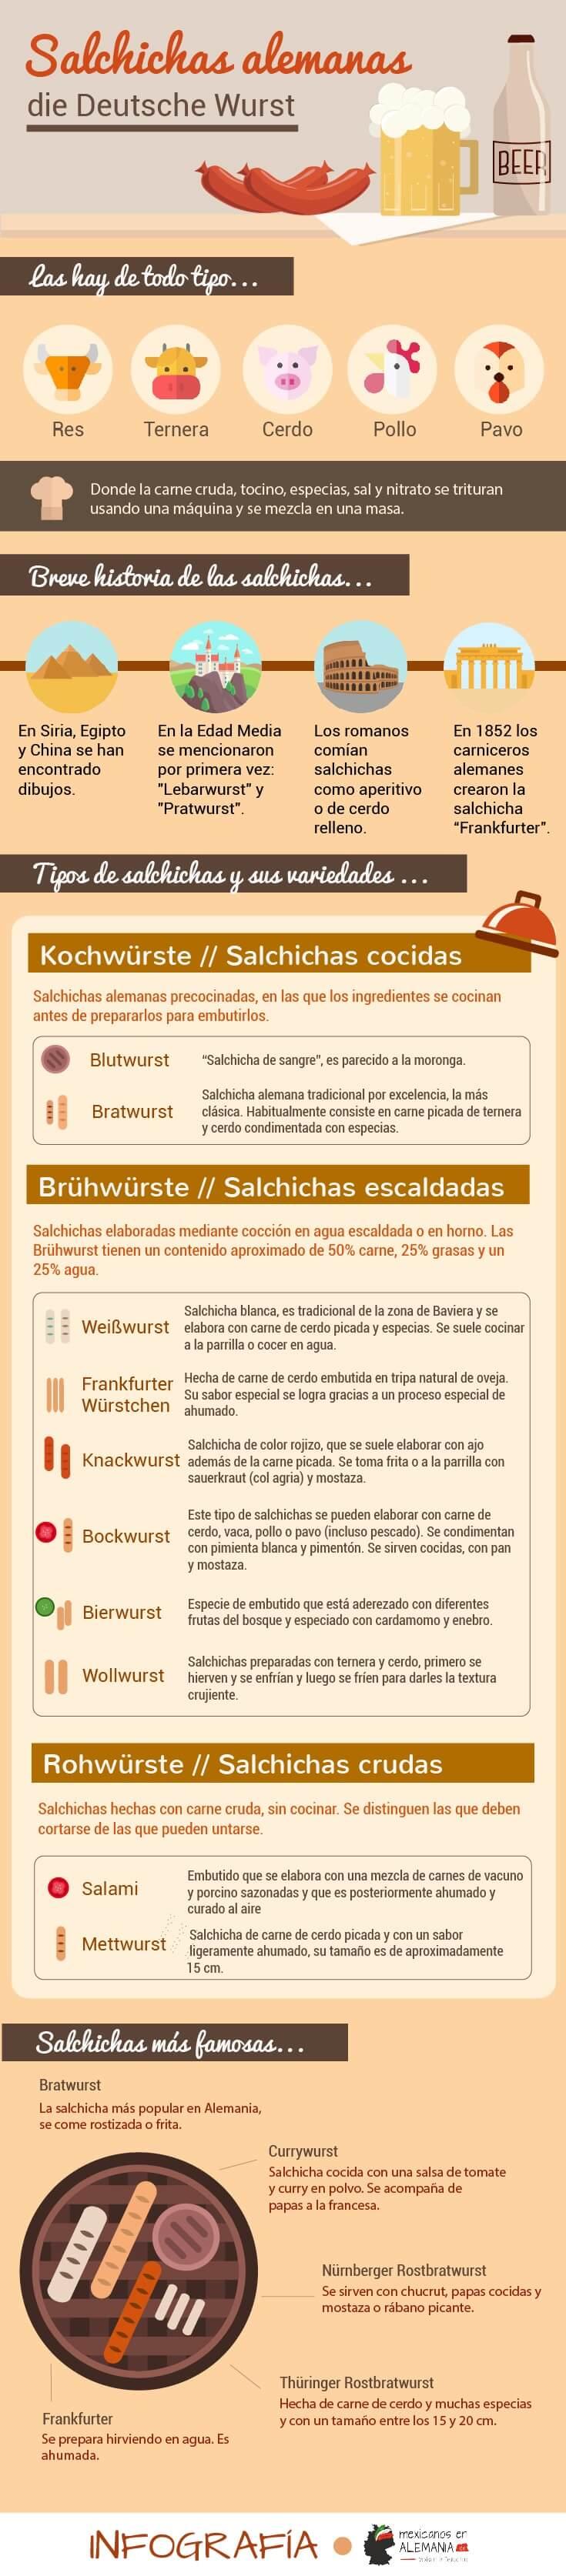 Salchichas alemanas - infografía